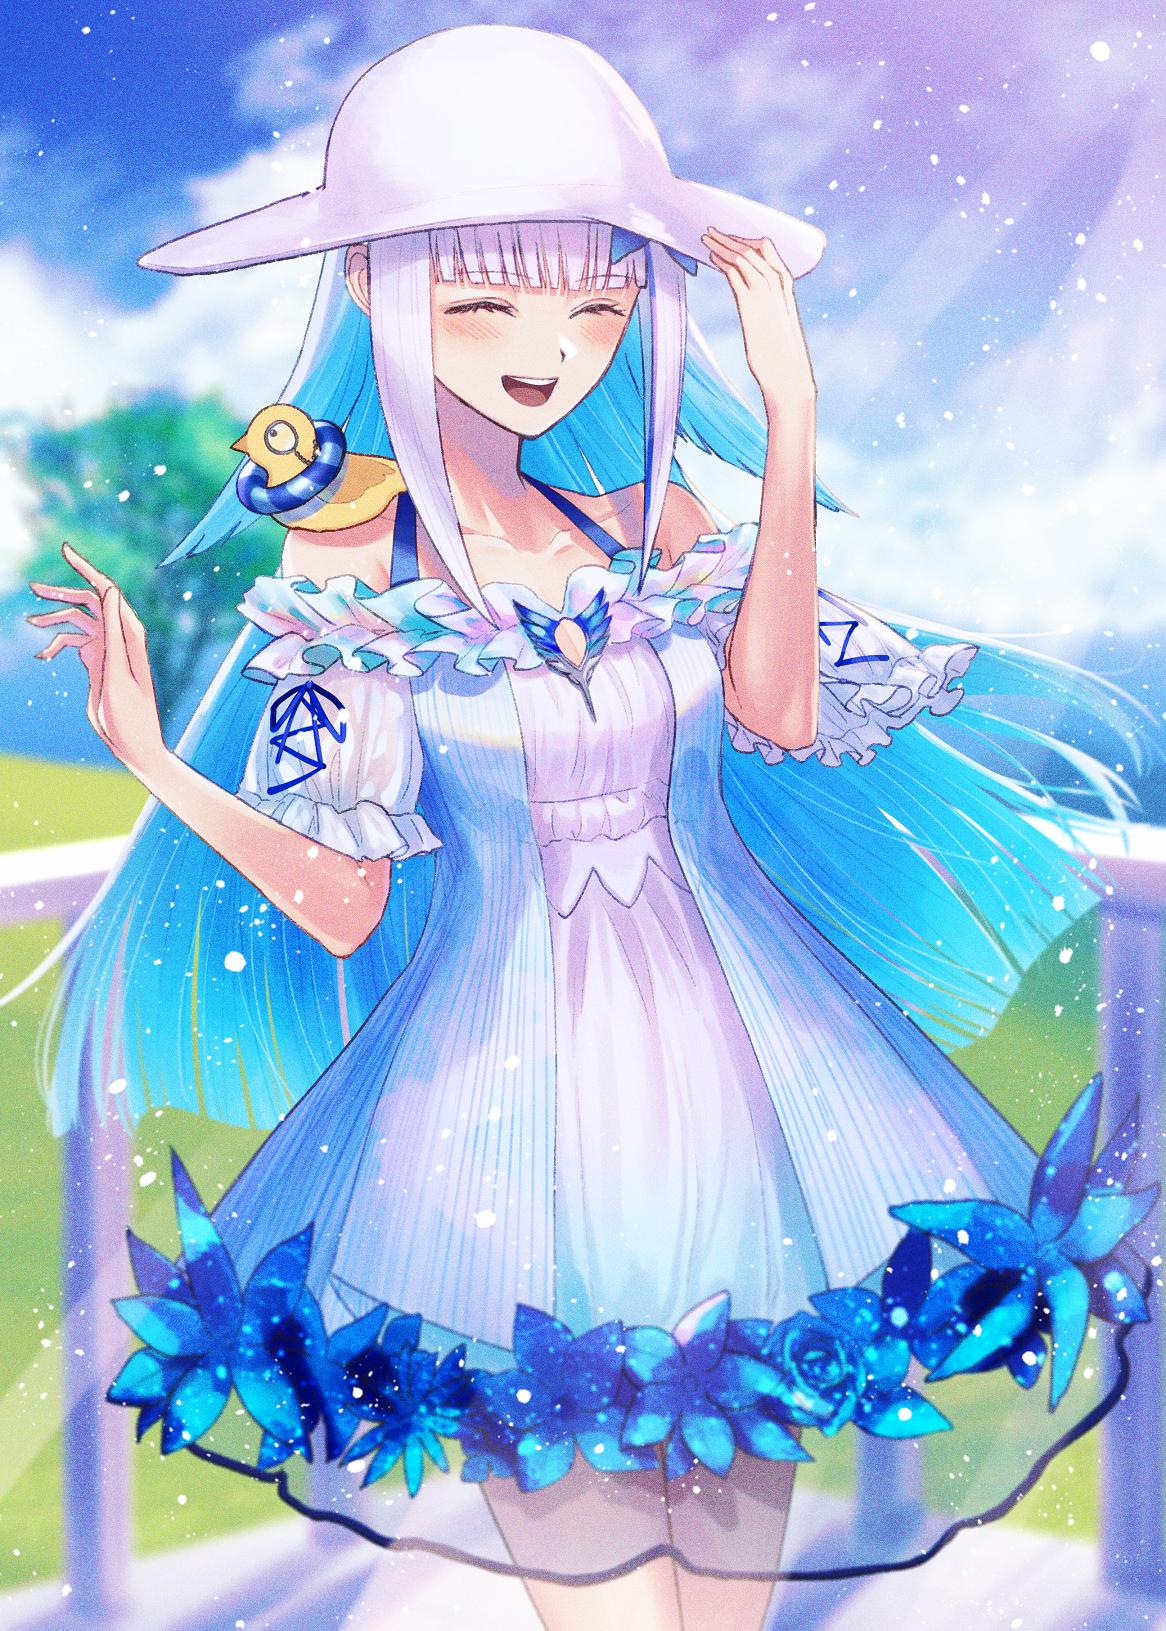 Фото Девочка в шляпе и в платье с голубыми цветами